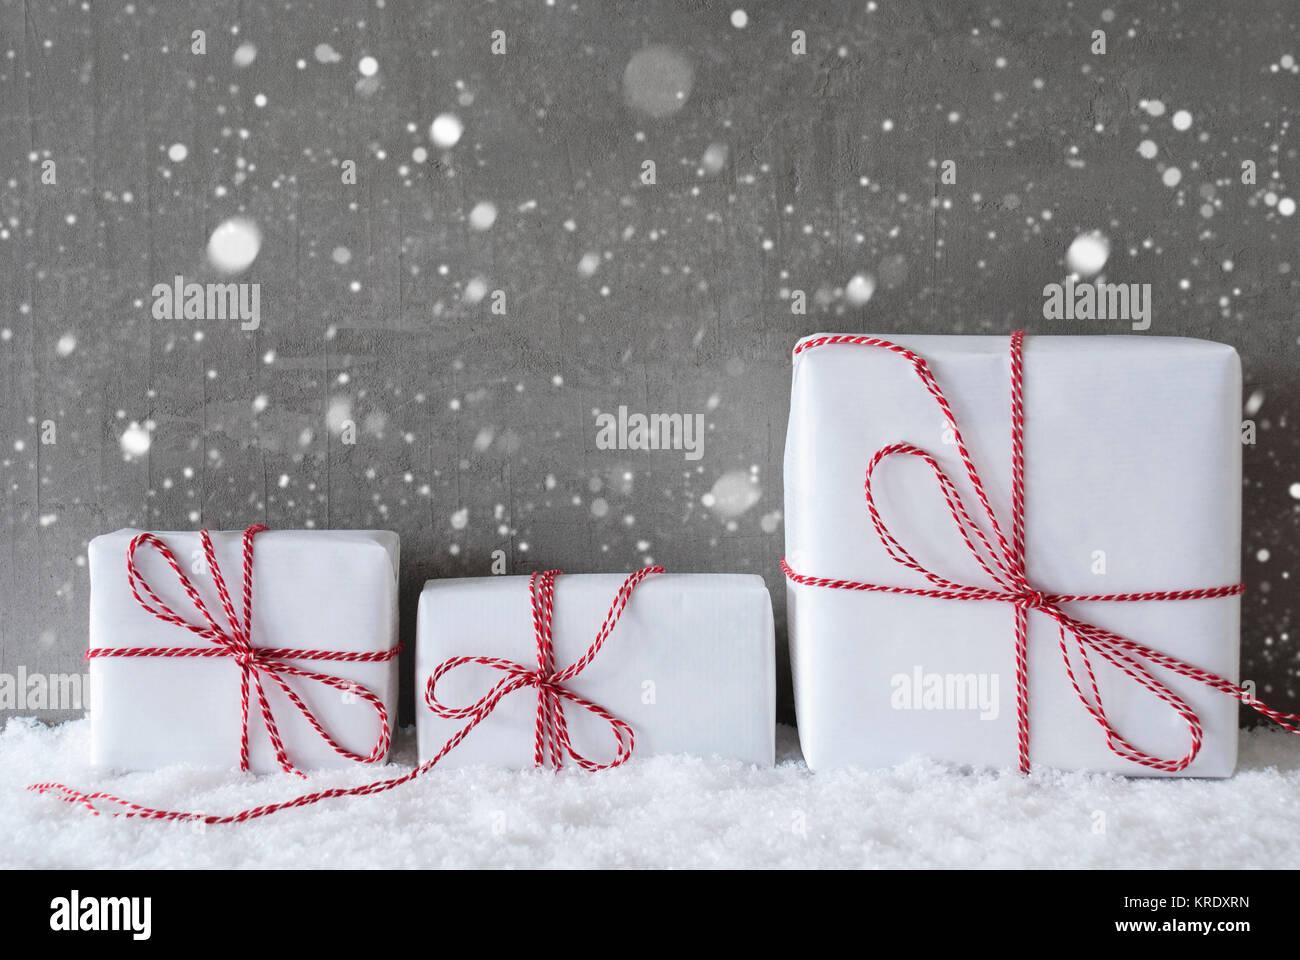 Drei Weihnachten Geschenke Oder Prasentiert Auf Schnee Zement Wand